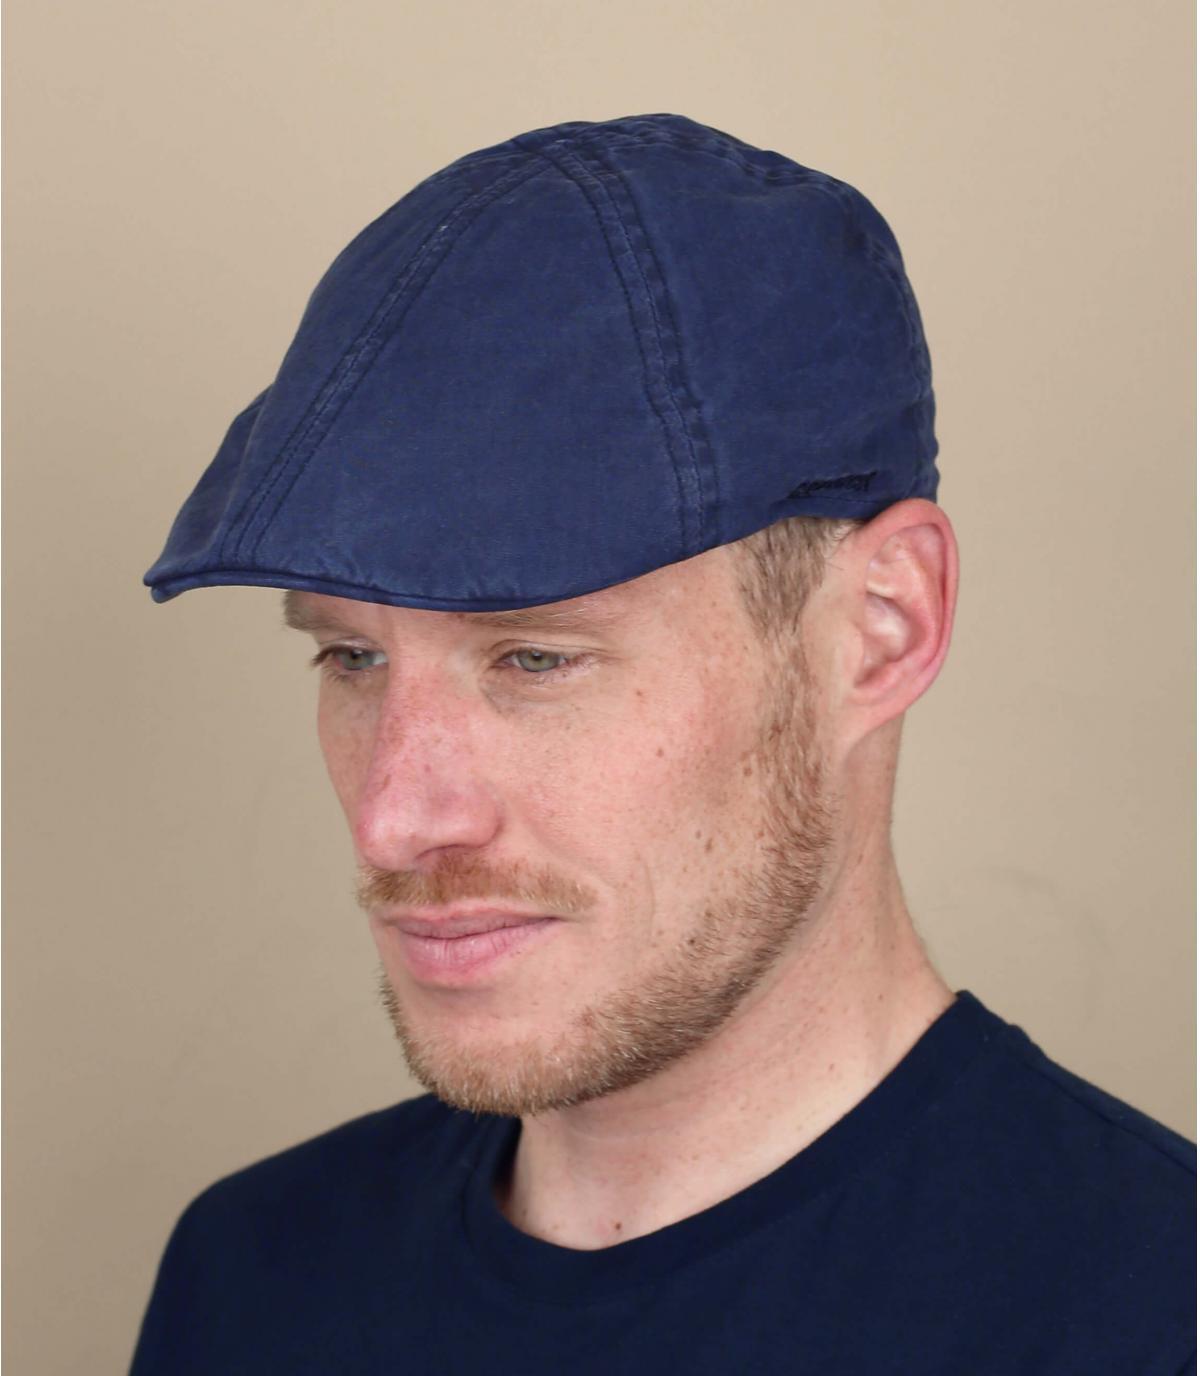 Stetson blue duckbill cap